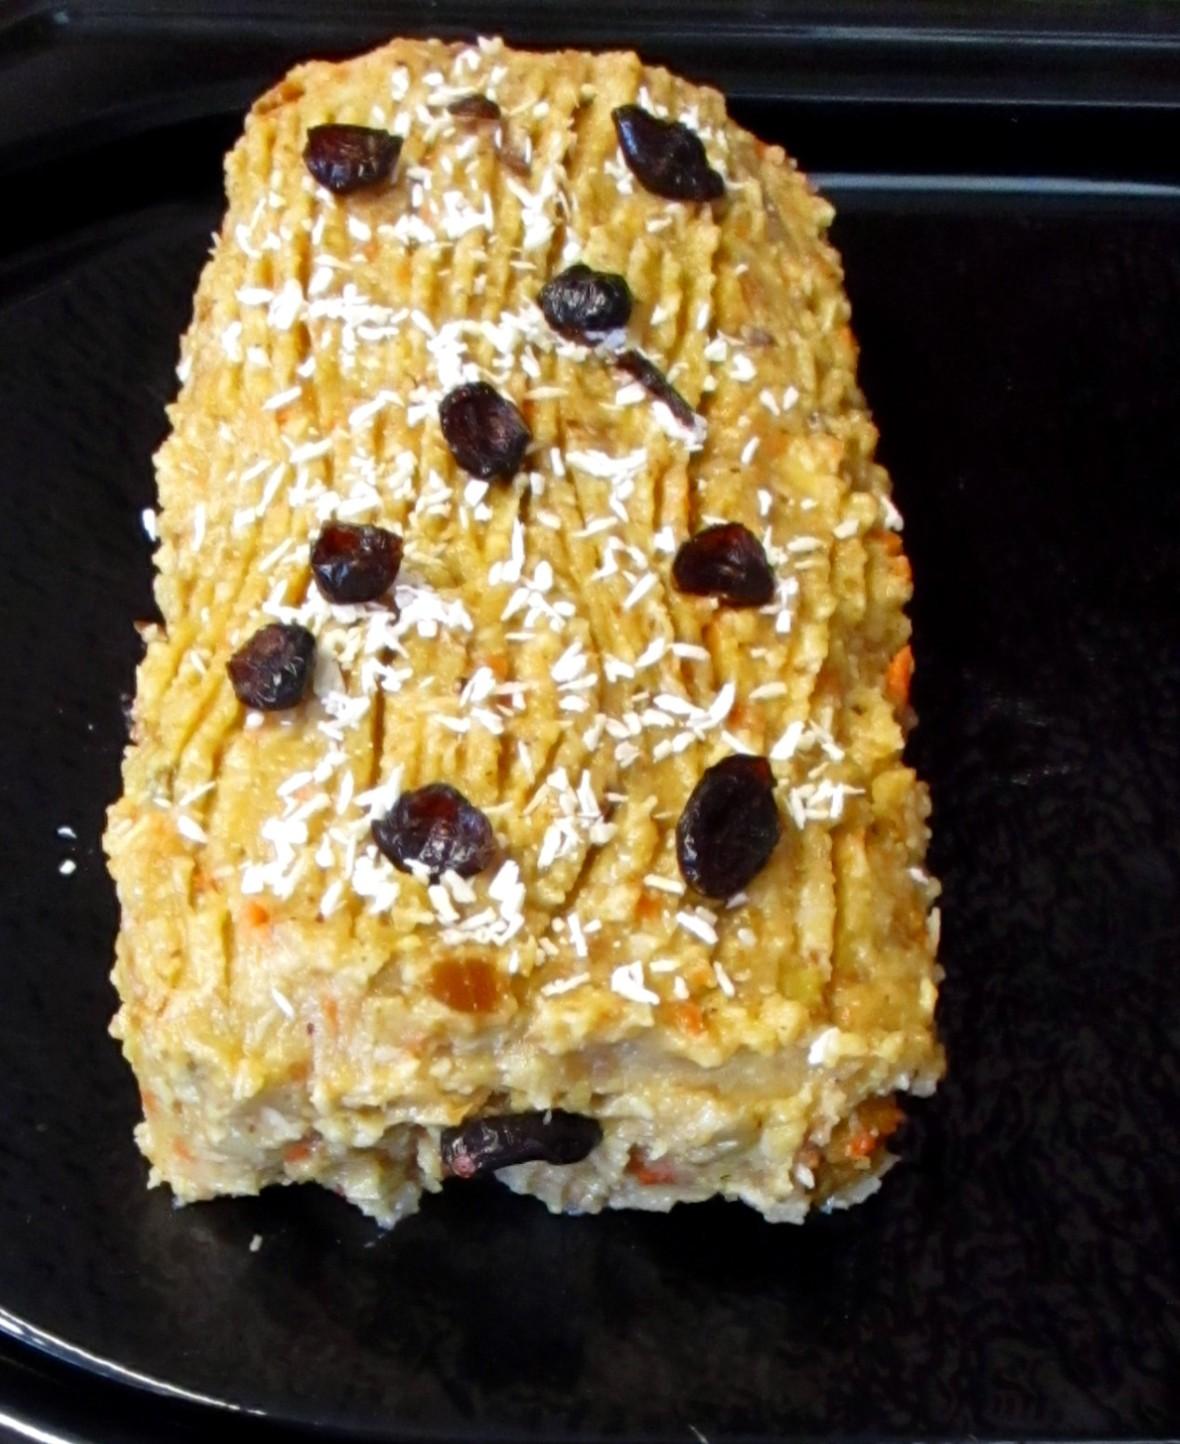 carrot cake suikervrij vegan veganistisch frosting lactosevrij eivrij